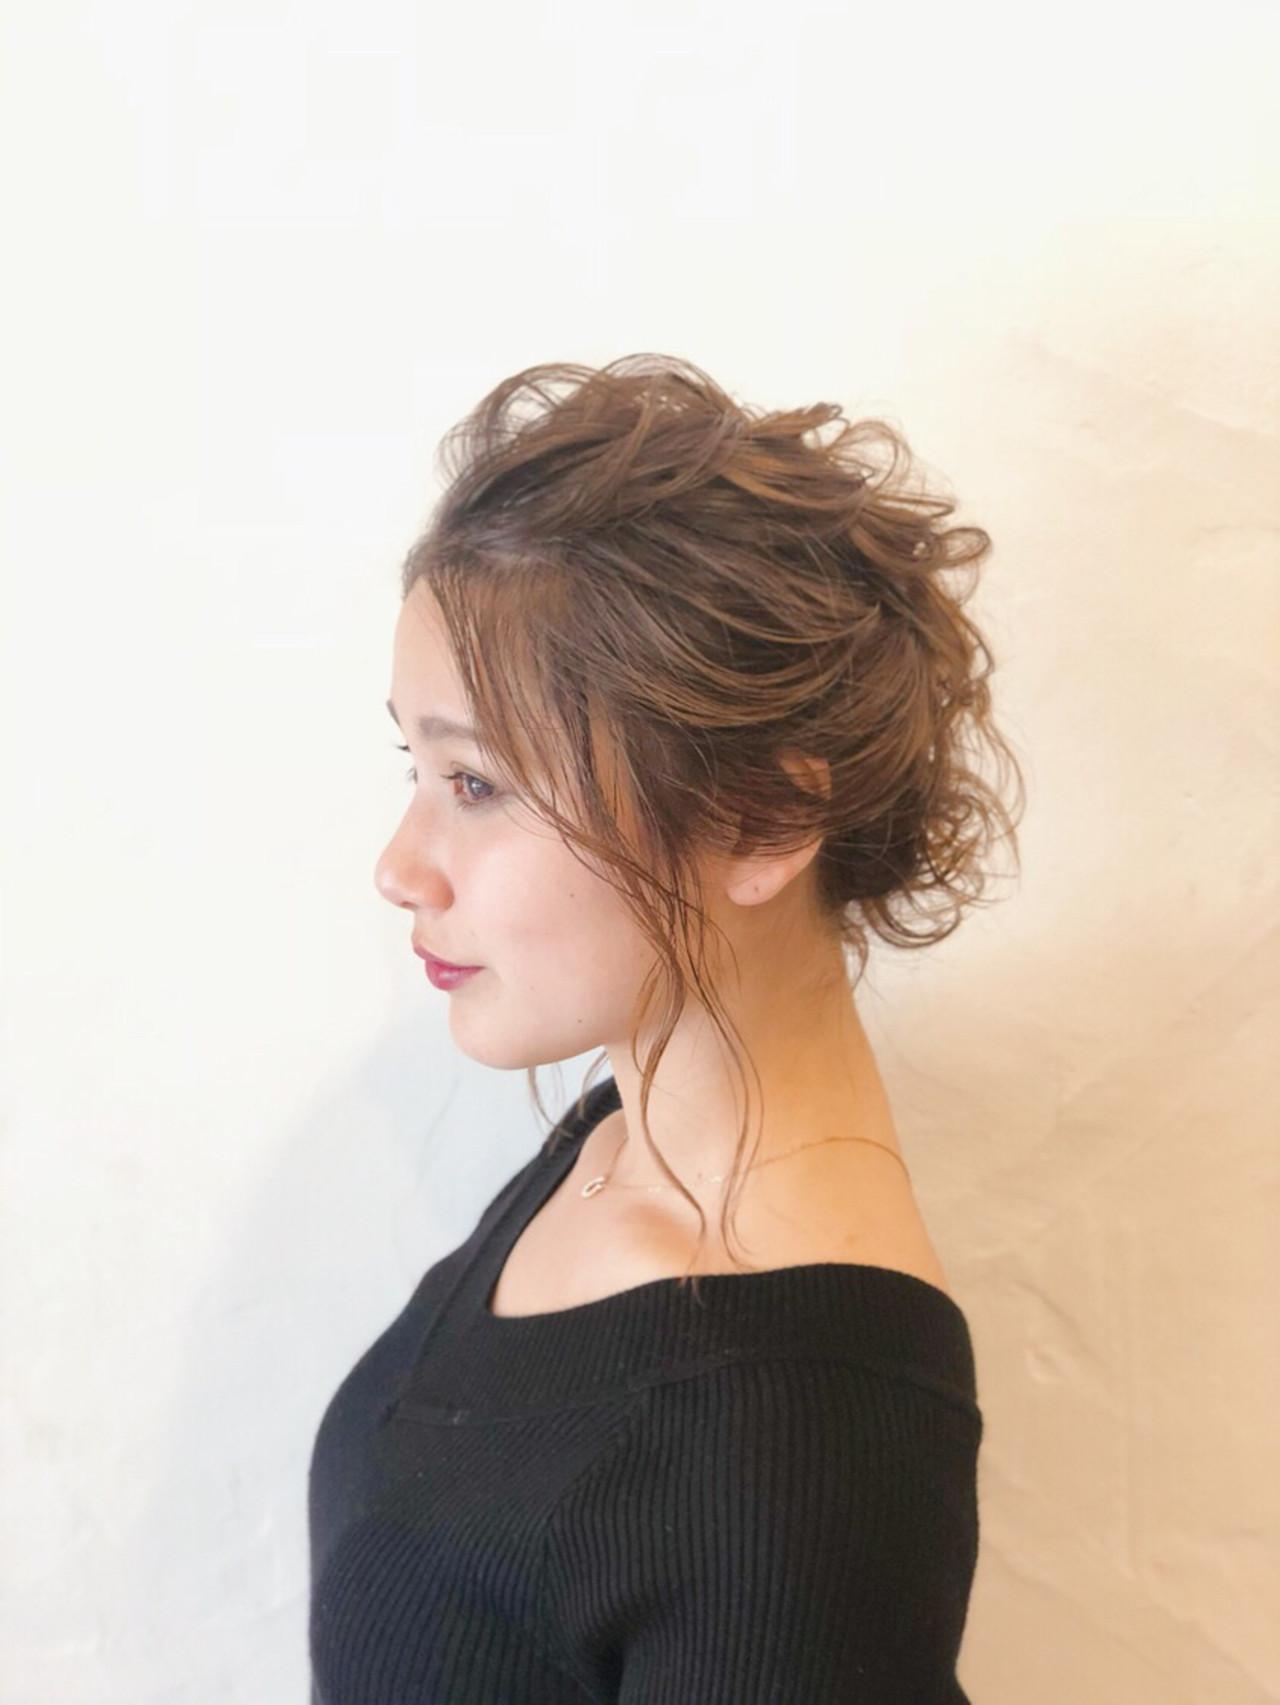 ショートボブ ヘアアレンジ ショートヘア ショート ヘアスタイルや髪型の写真・画像